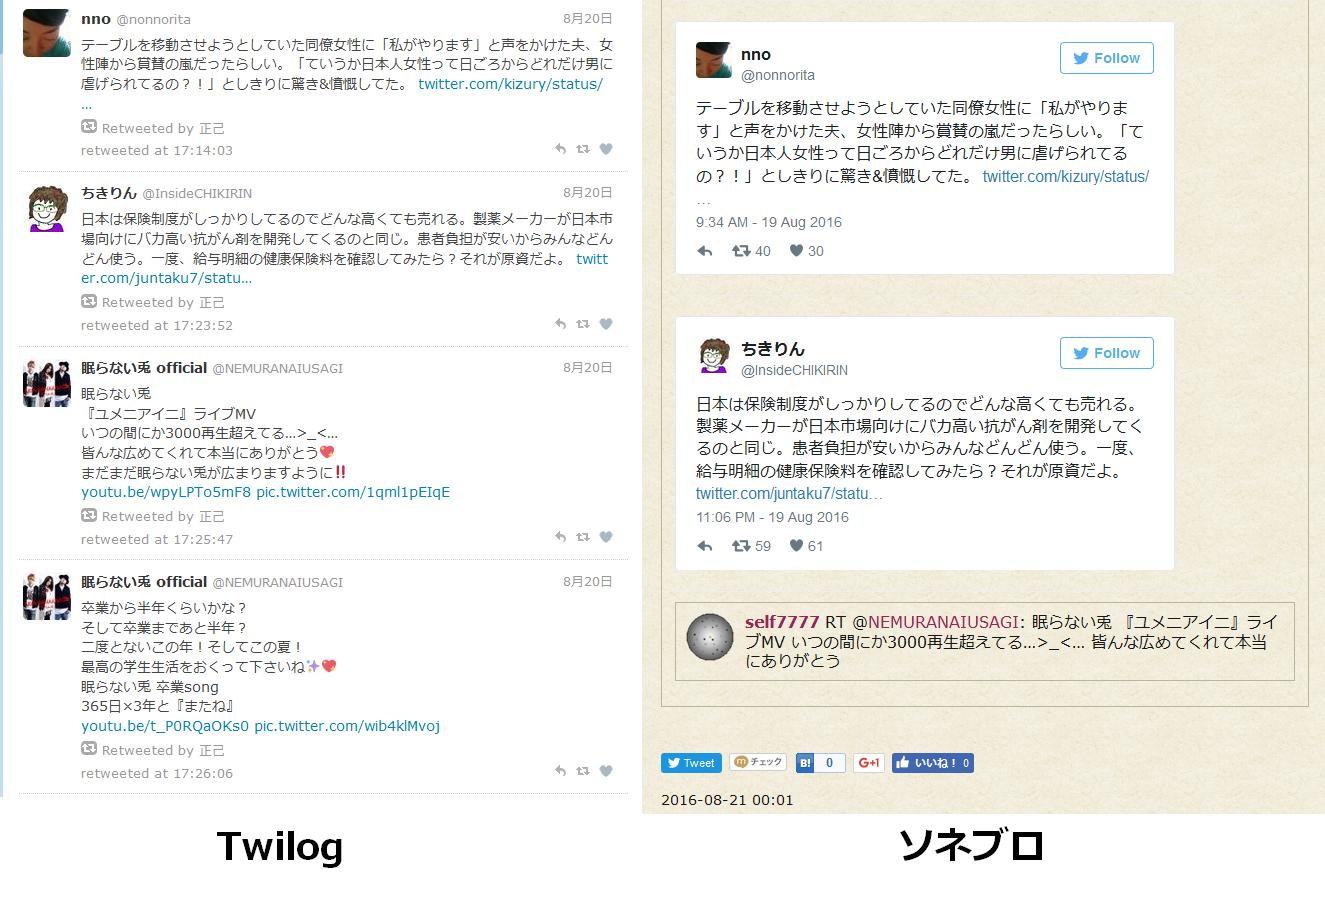 8/20のツイートのTwilogとソネブロの比較